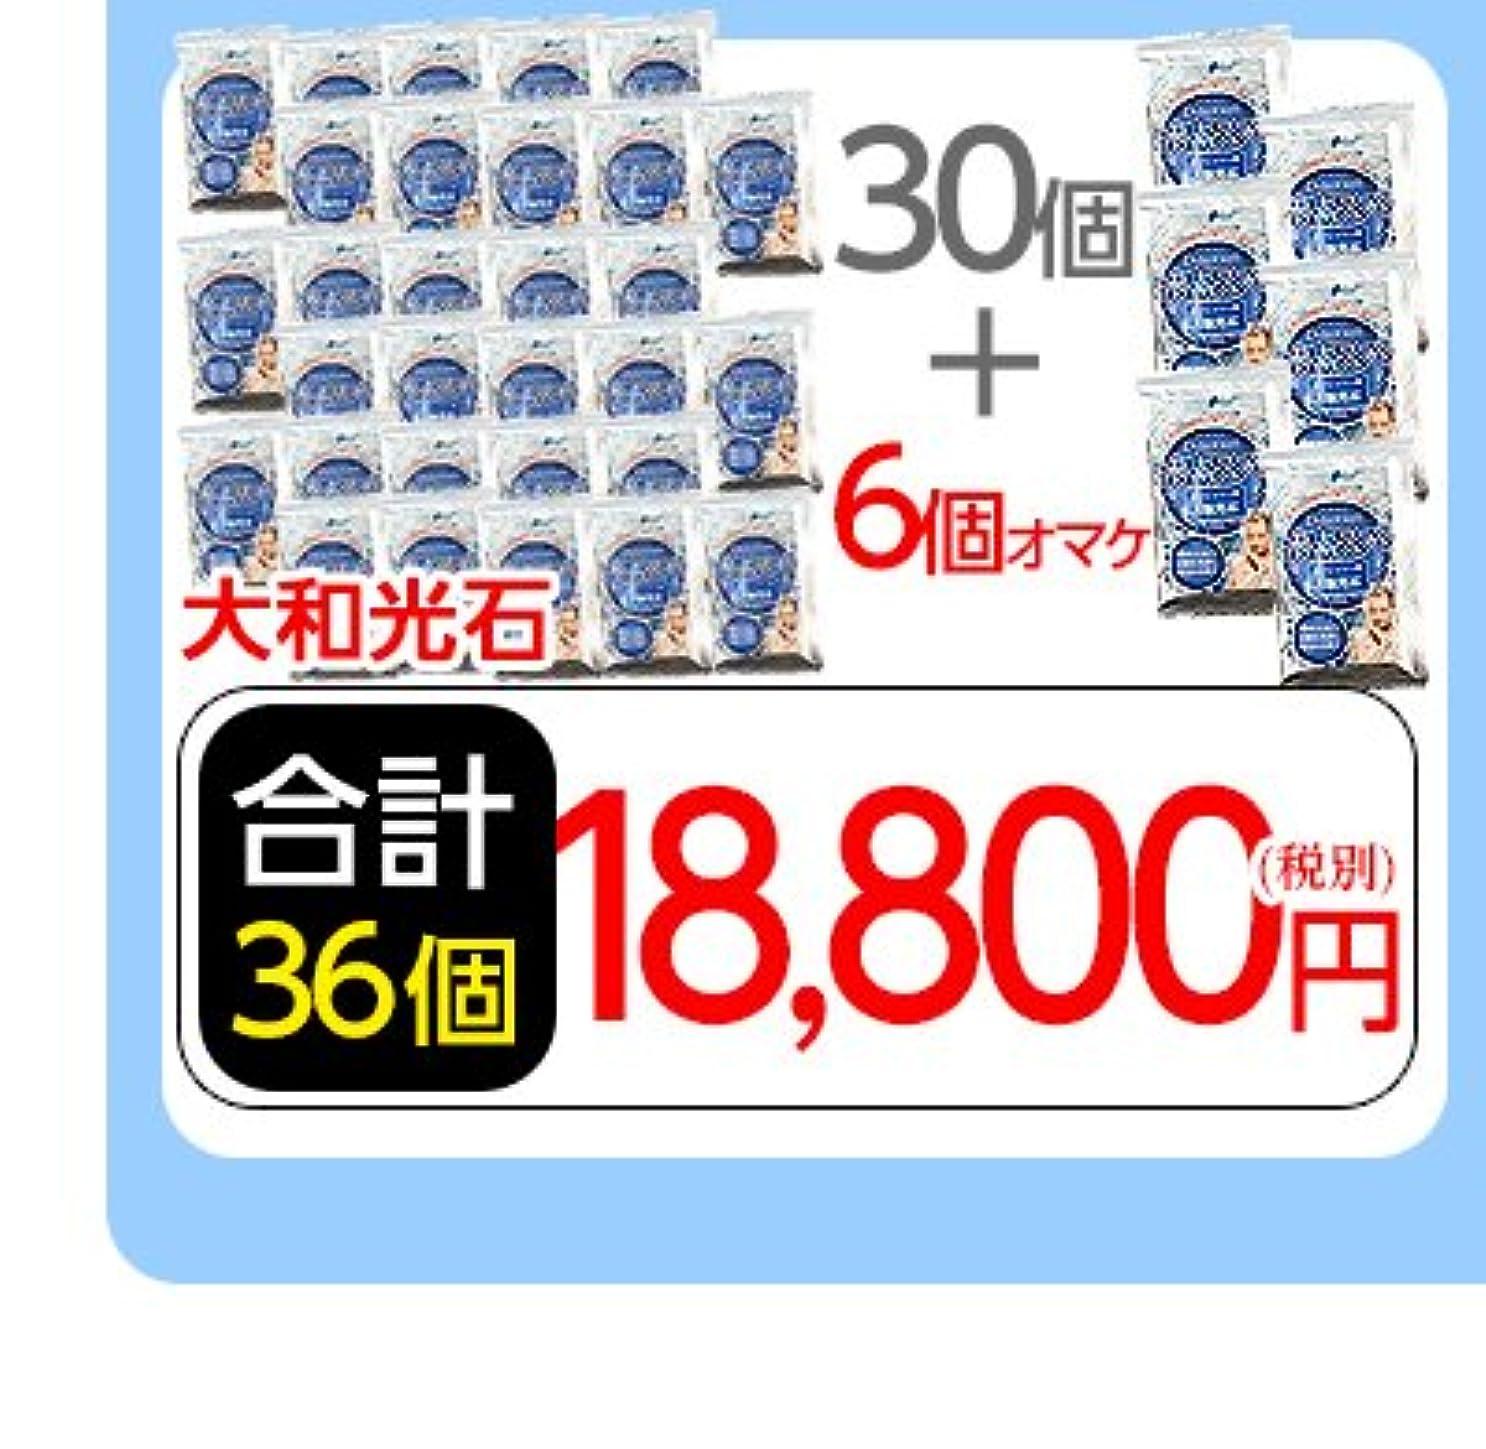 訪問決定する情緒的デトキシャン水素スパ☆大和光石30個+6個オマケ